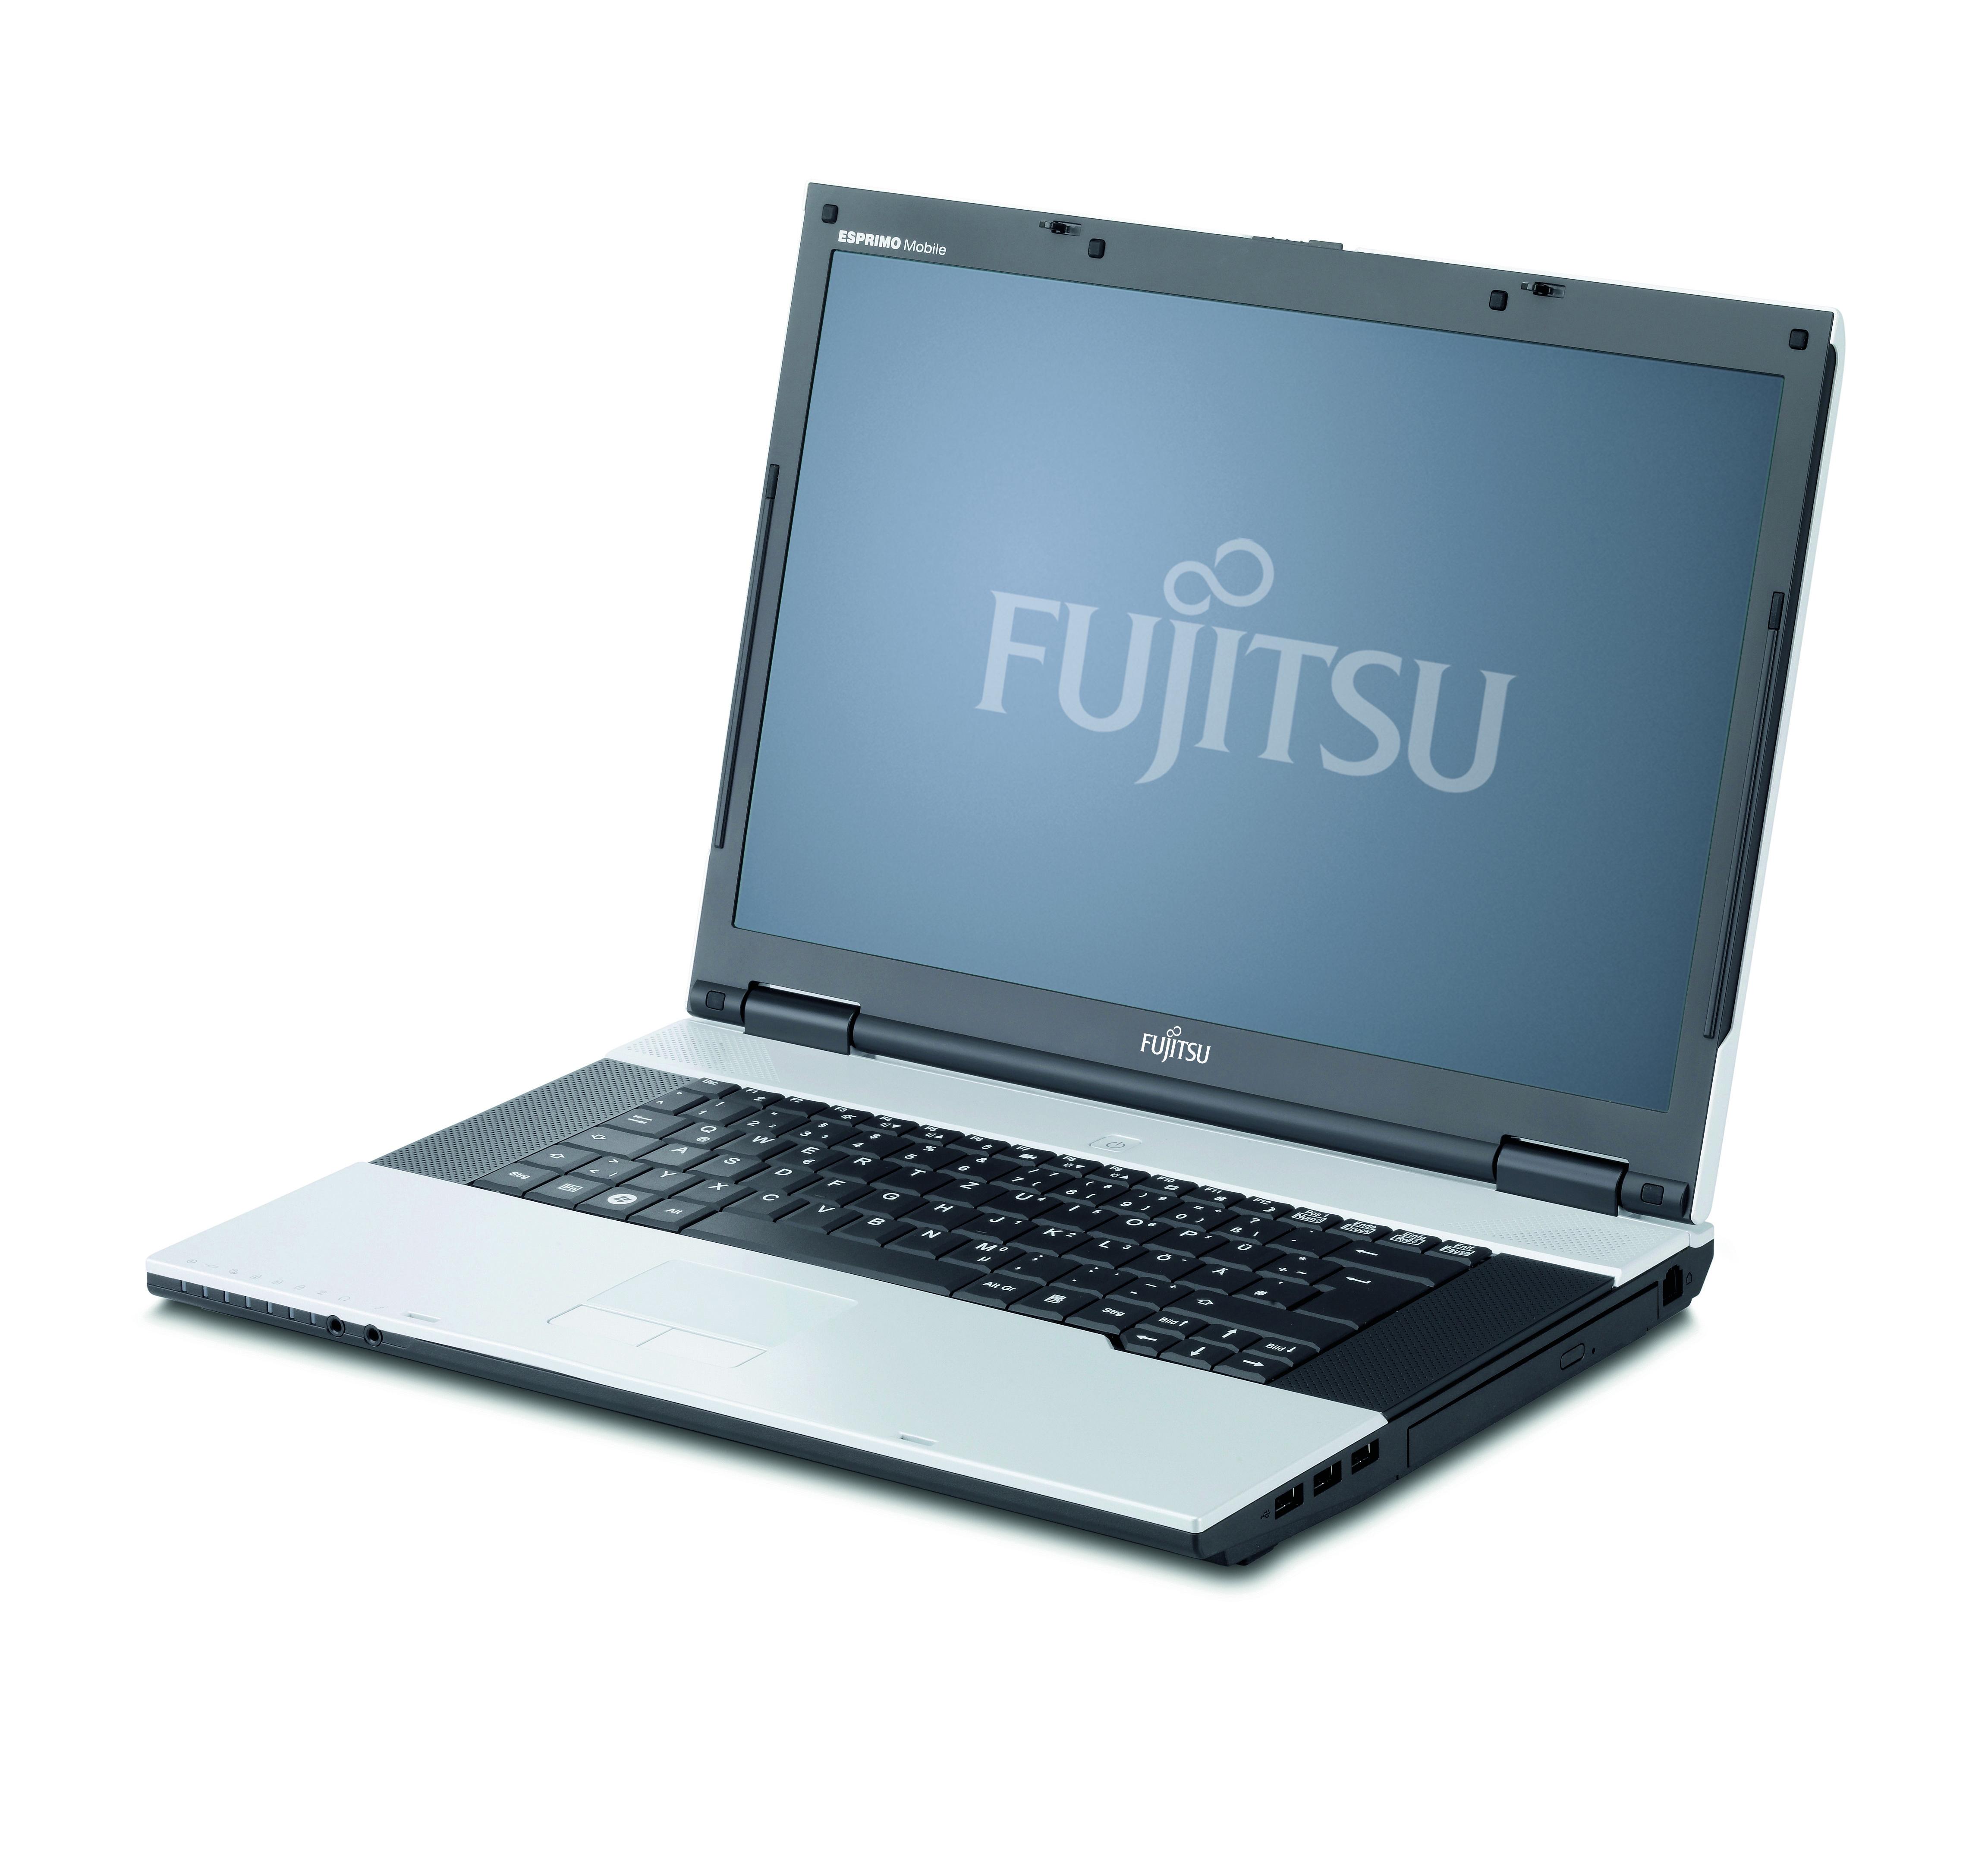 fujitsu siemens dvb t mobile: